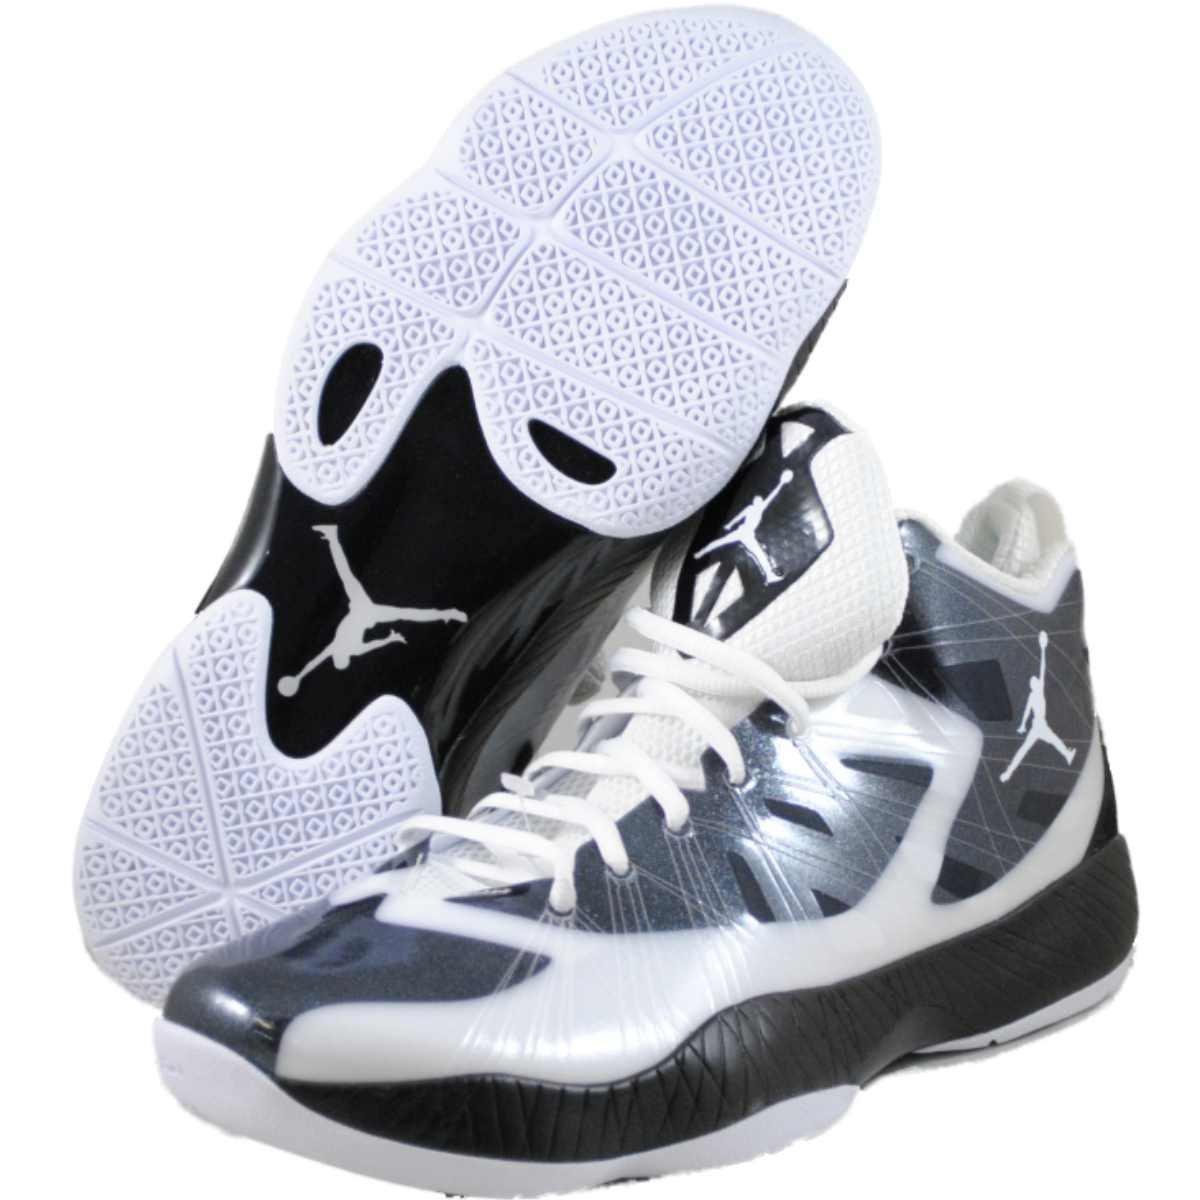 [ナイキ] Air Jordan 2012 Liteメンズバスケットボールシューズ  13 D(M) US